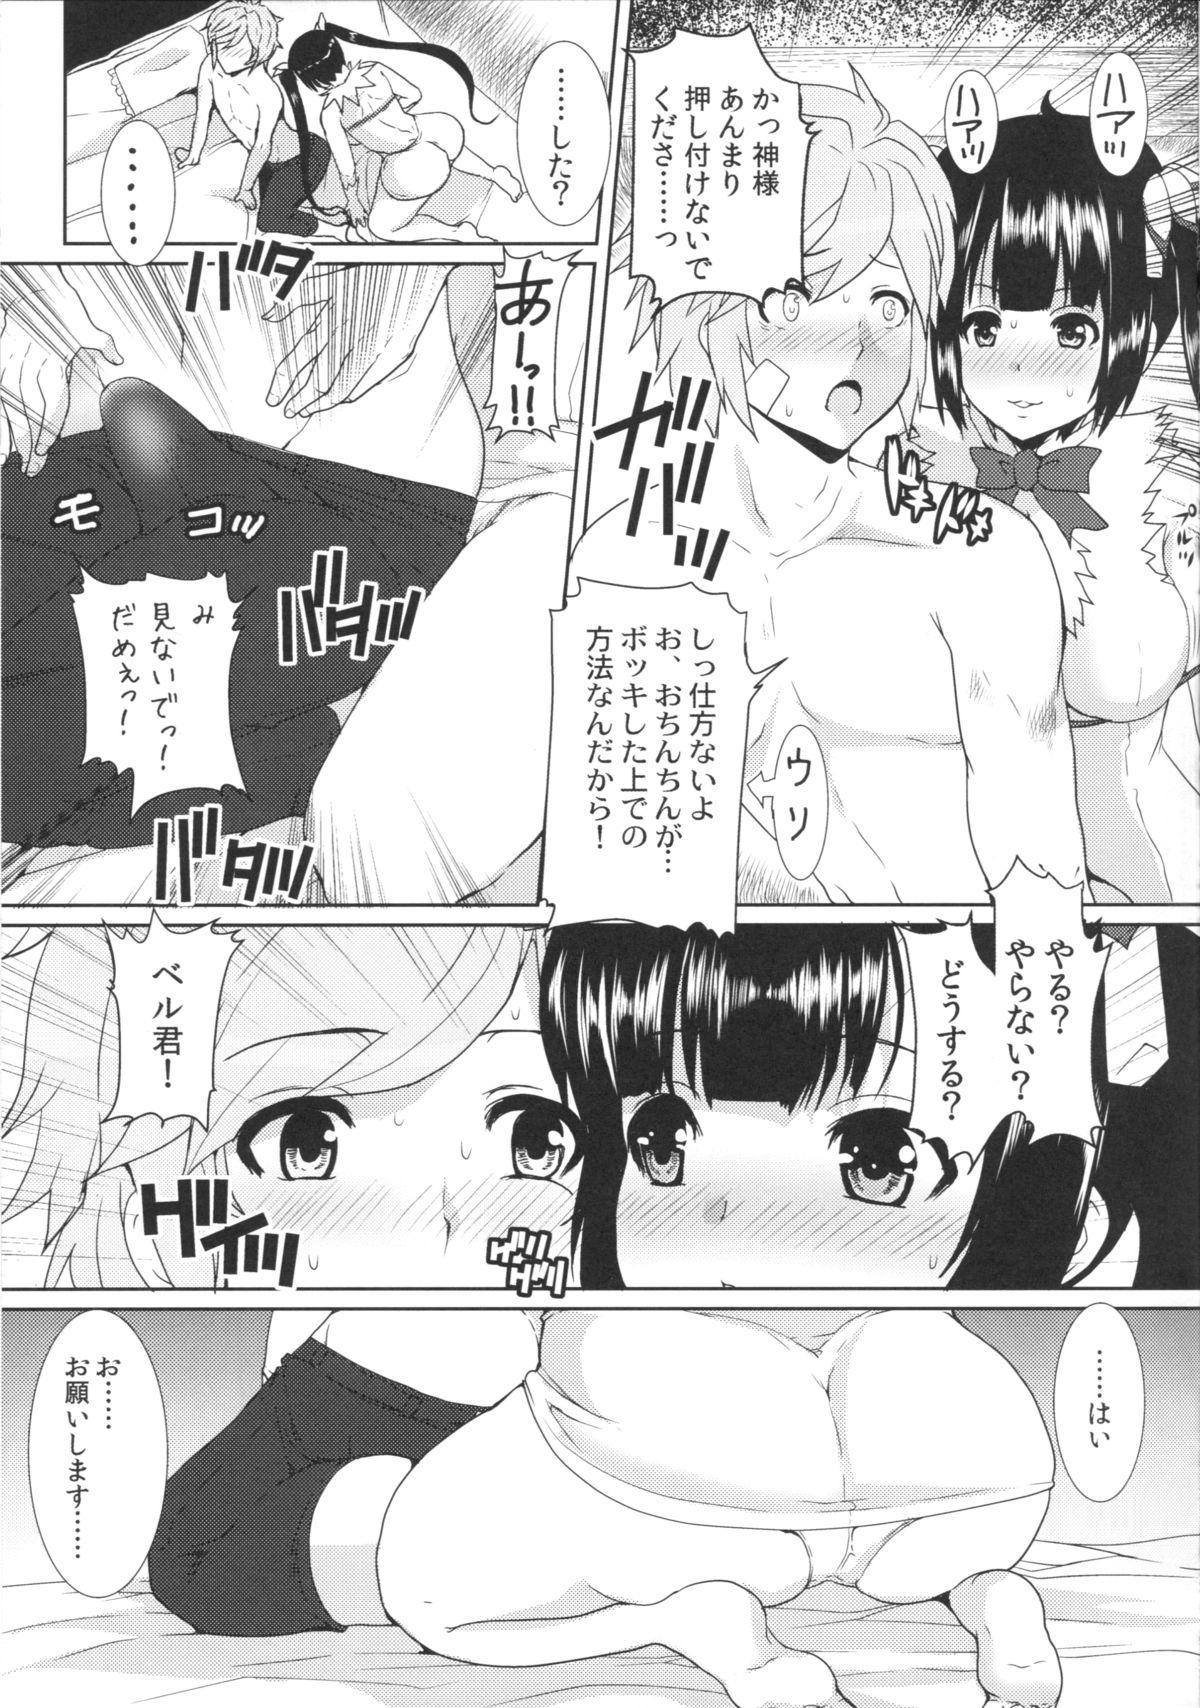 Ano Himo o Hodoku no wa Anata 3